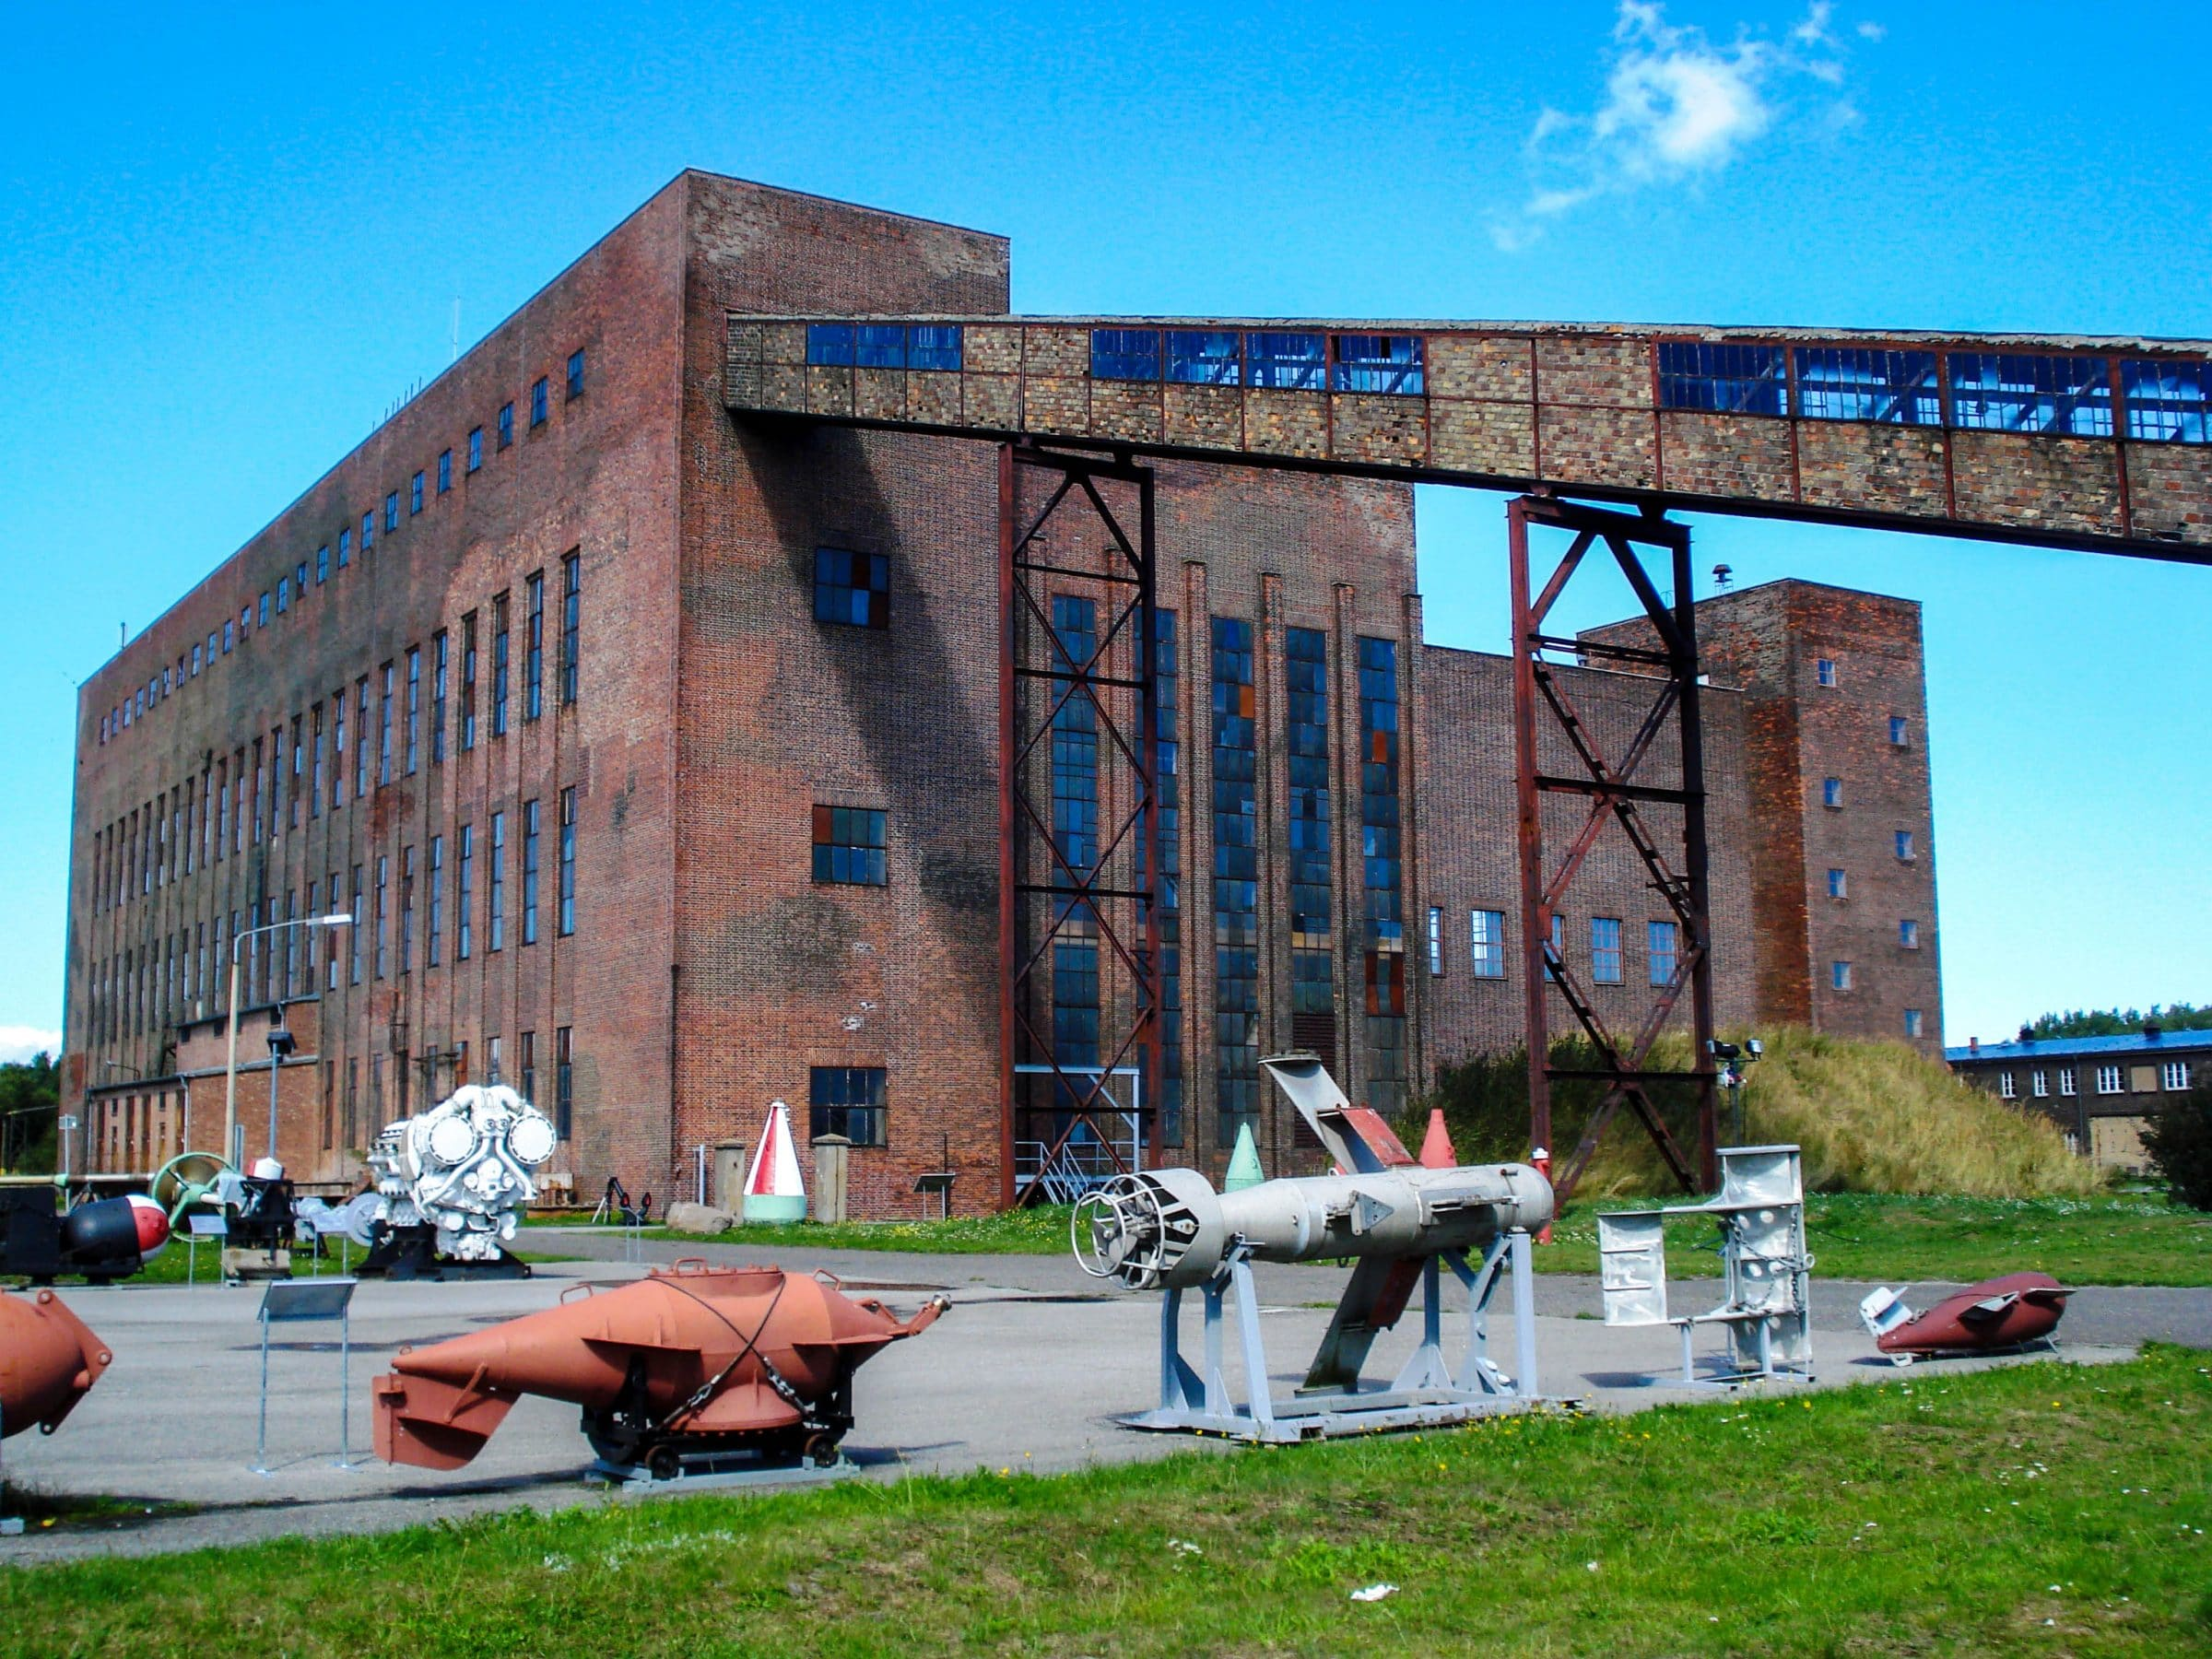 De voormalige krachtcentrale doet nu dienst als museum in Peenemünde